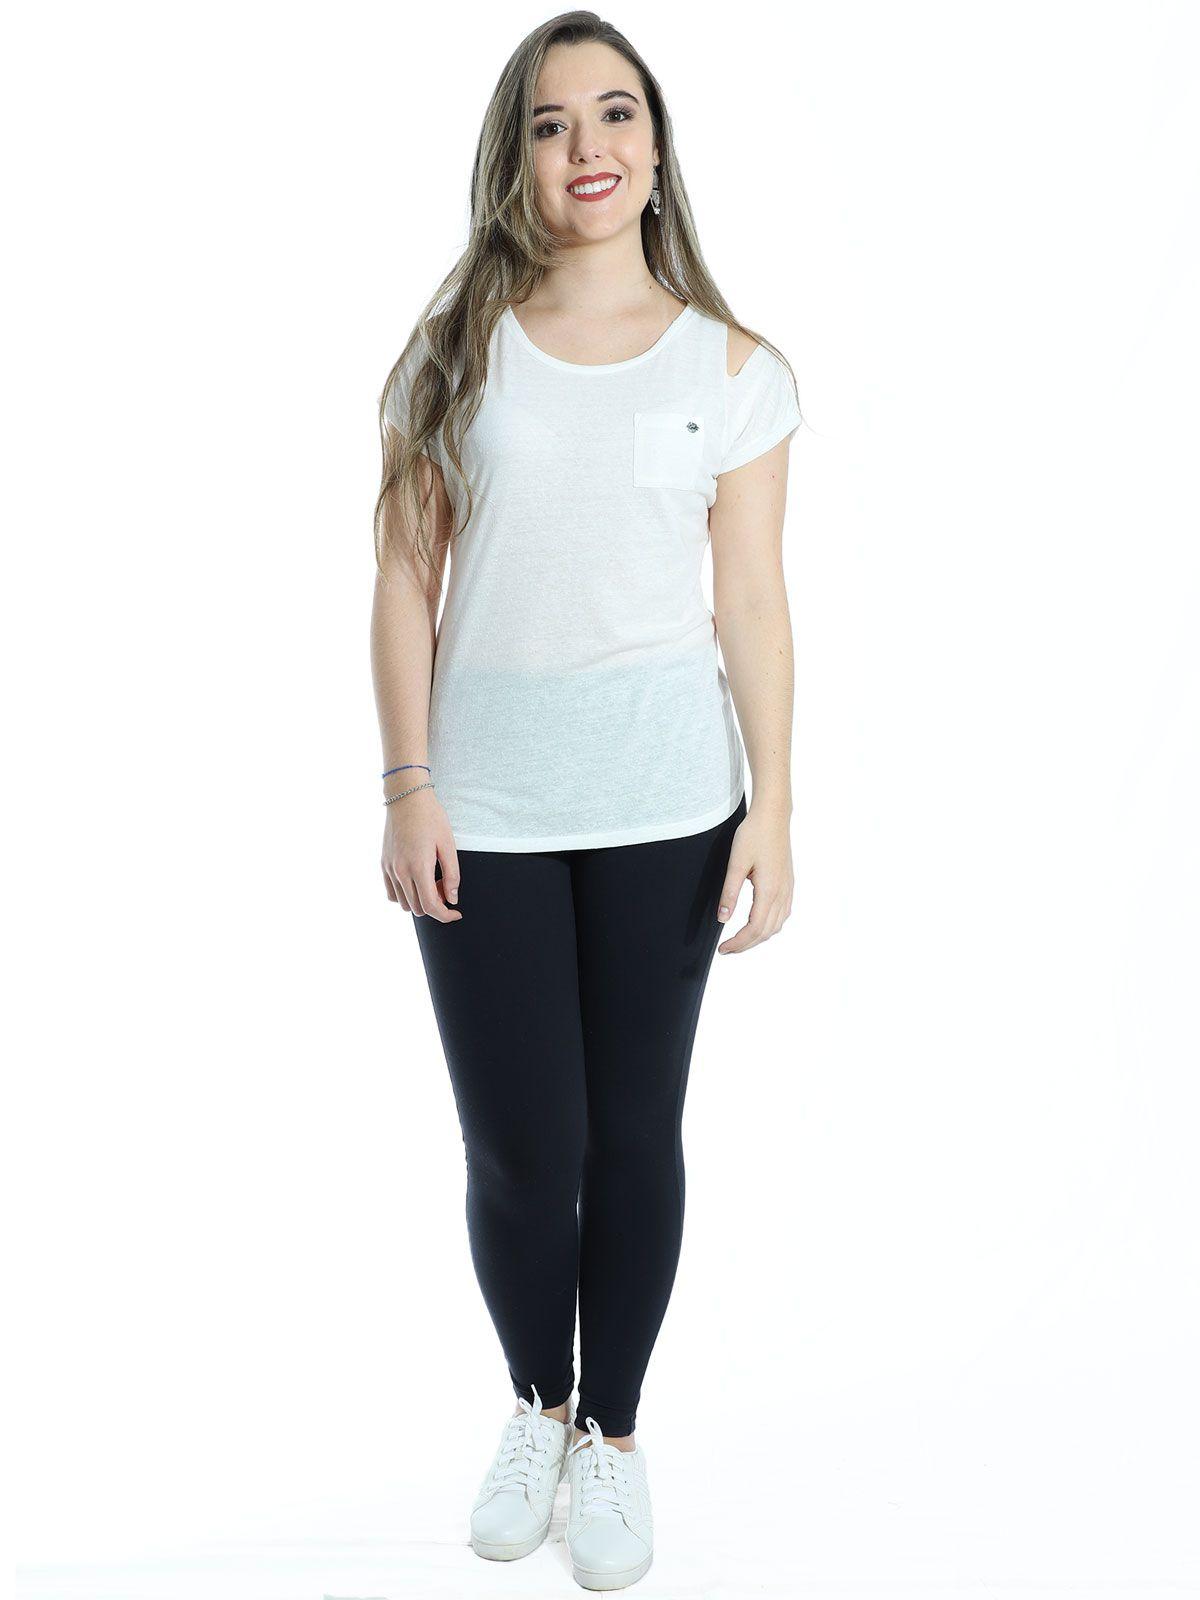 Blusa Anistia Recortes Ombro Off White